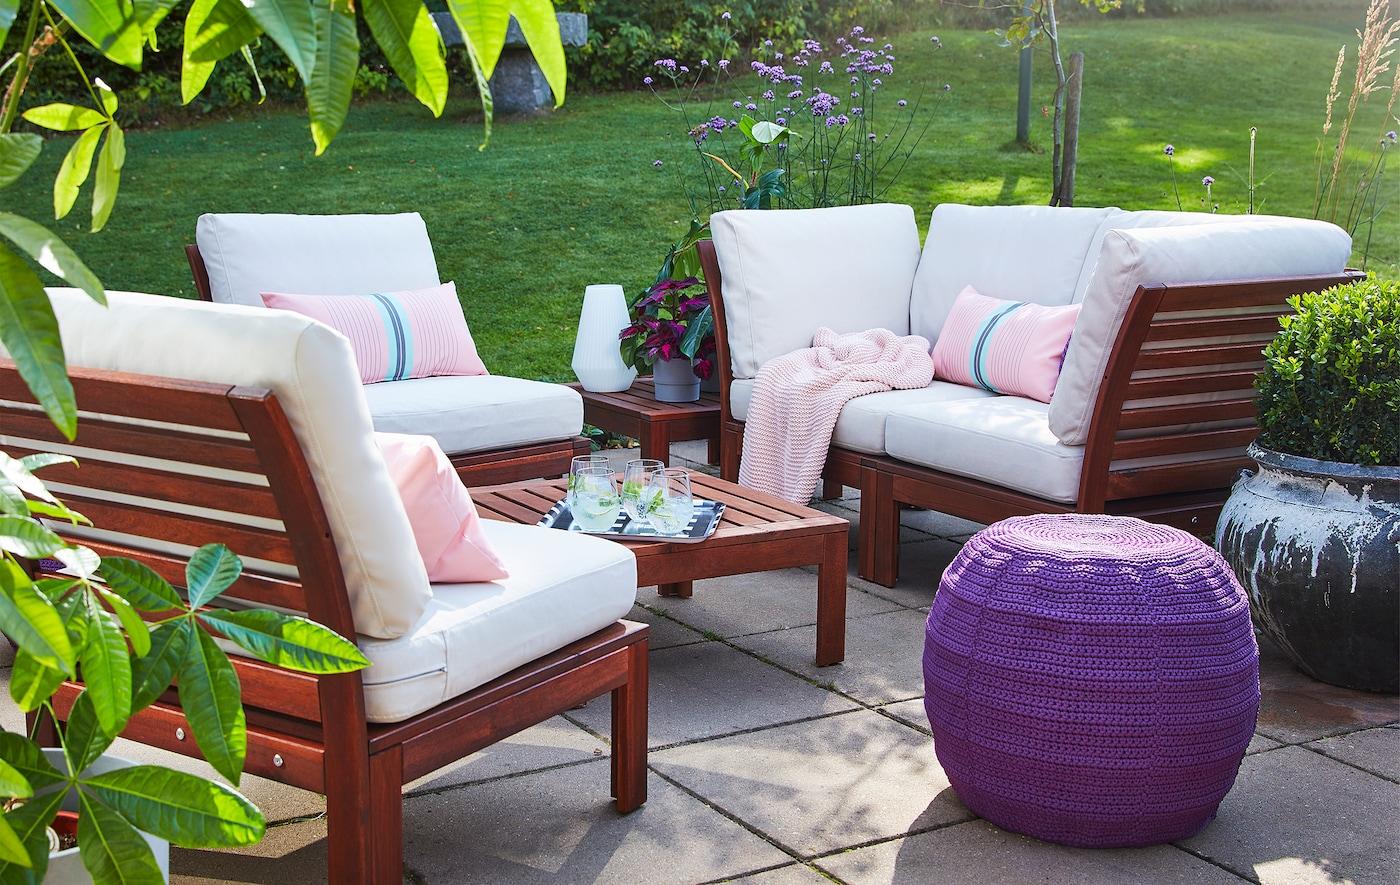 Pihalla kivilaattojen päällä istuinryhmä, jonka puisilla sohvalla ja kahdella tuolilla valkoiset istuintyynyt.